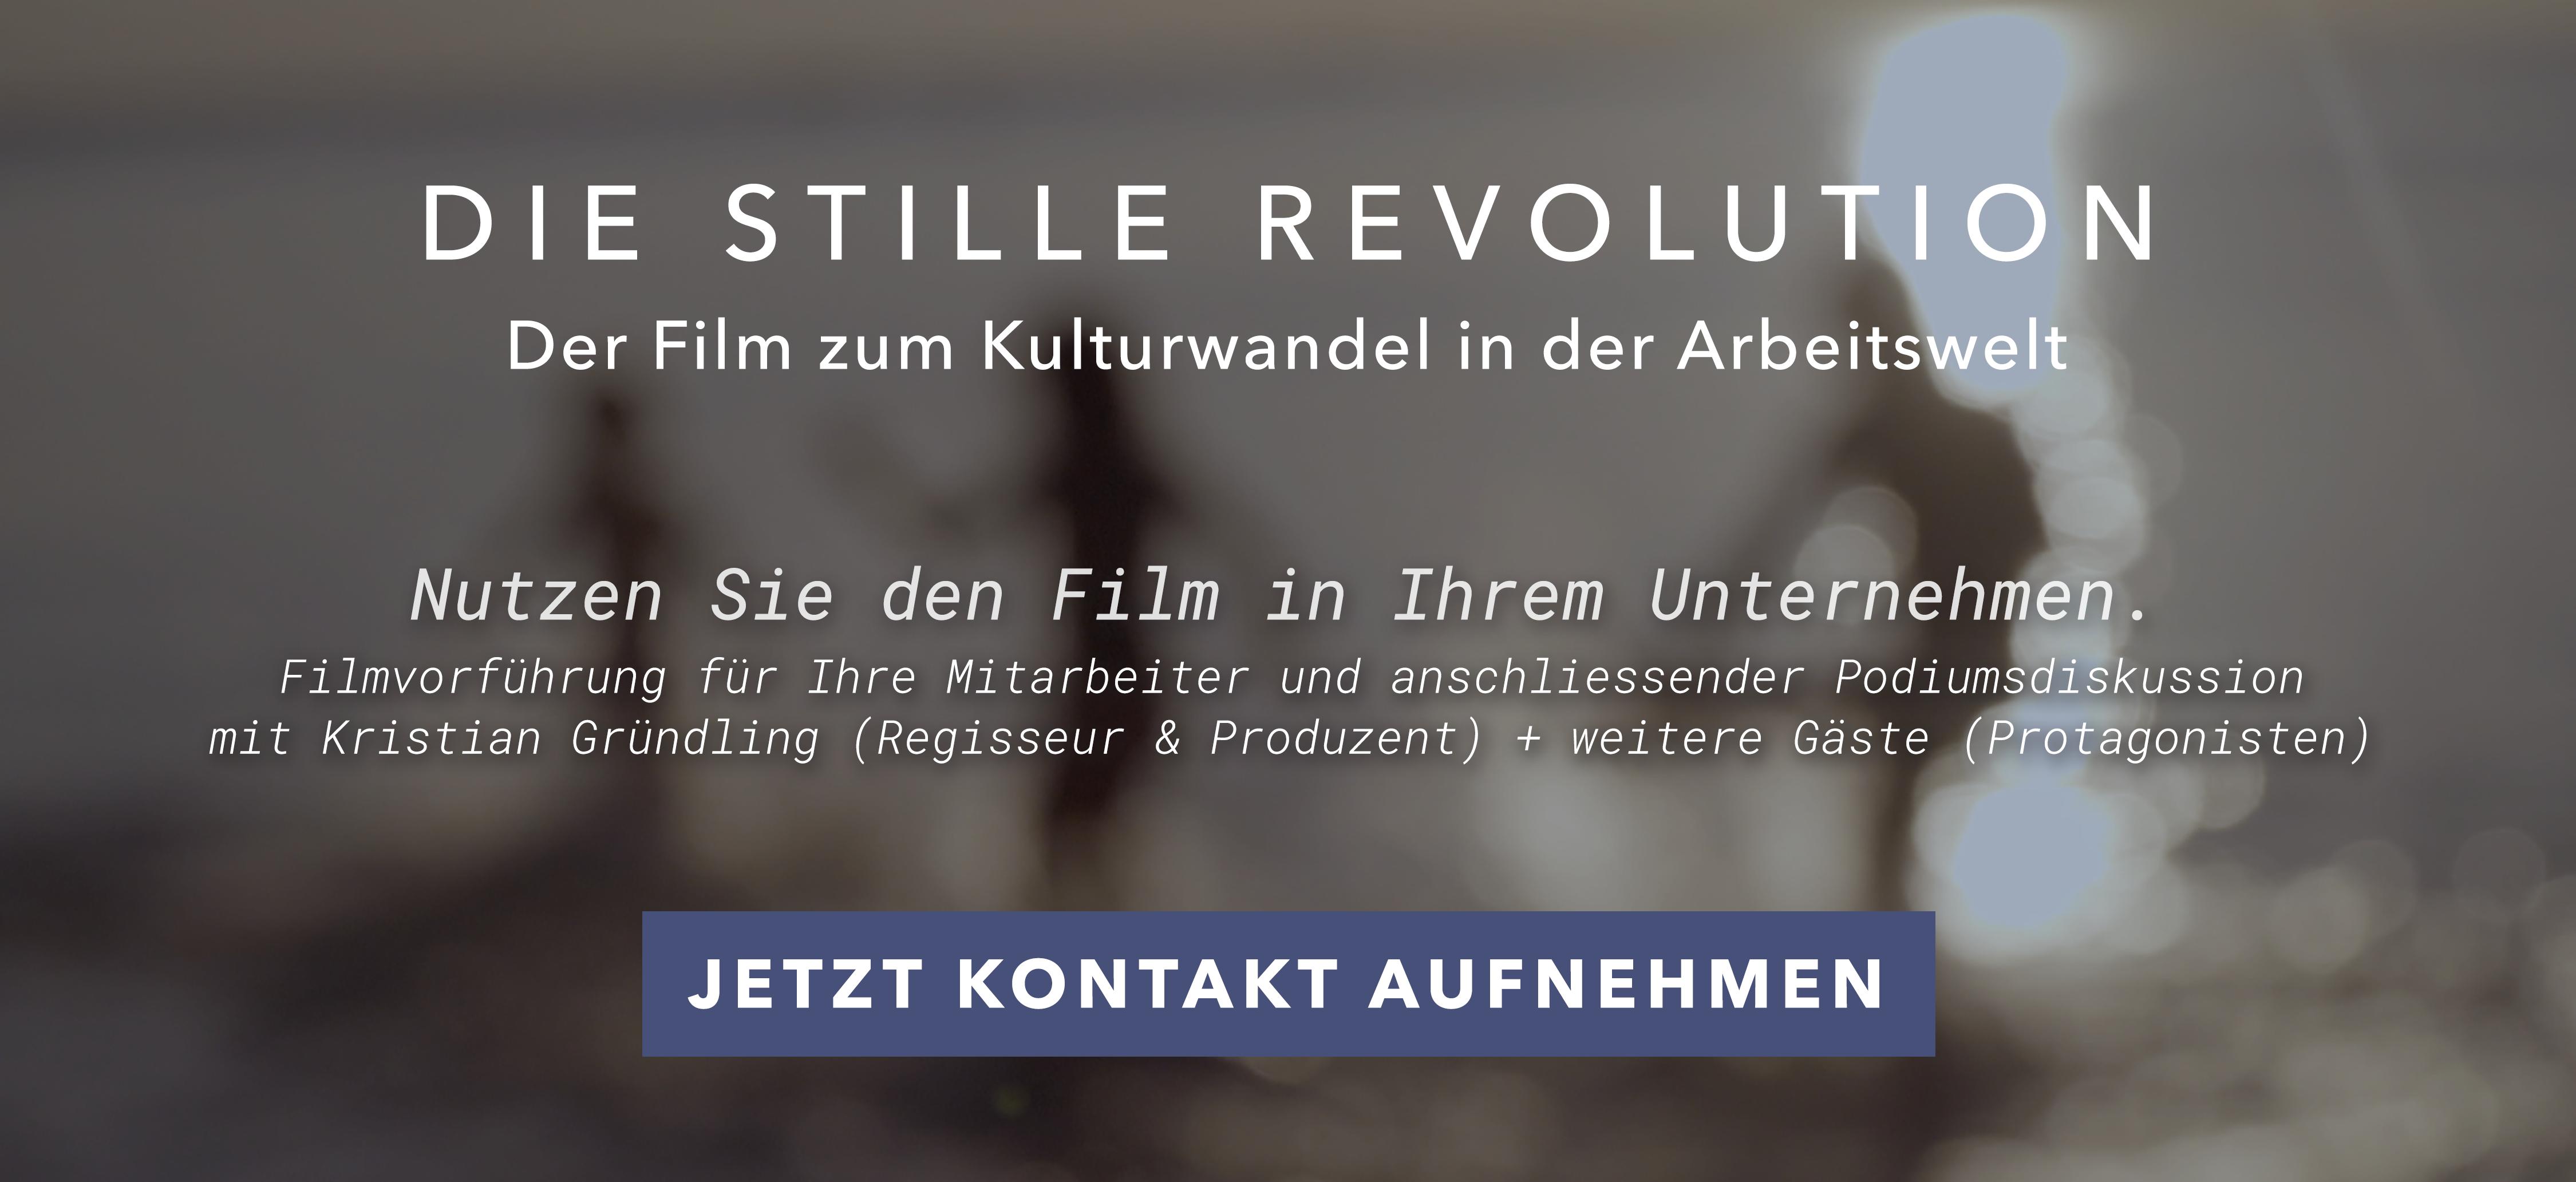 DIE STILLE REVOLUTION - Der Film zum Kulturwandel in der Arbeitswelt - In Ihrem Unternehmen